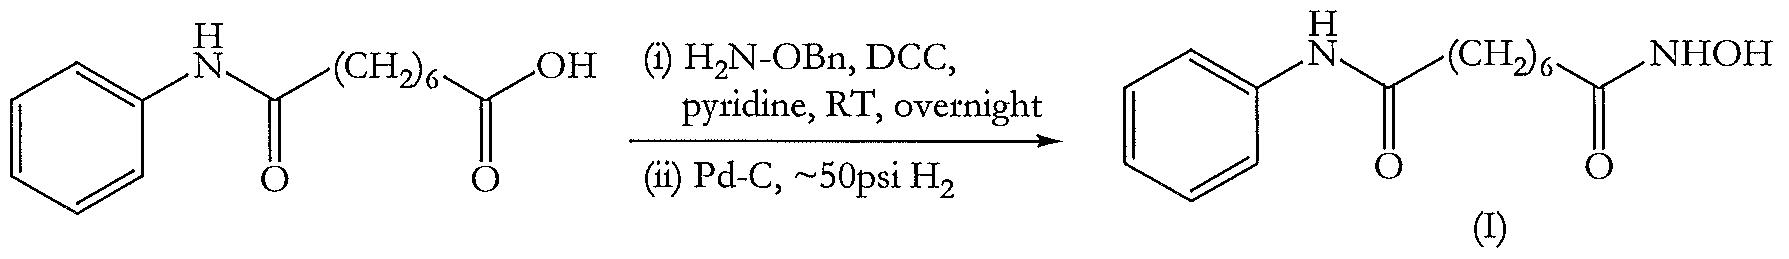 Figure imgf000003_0004